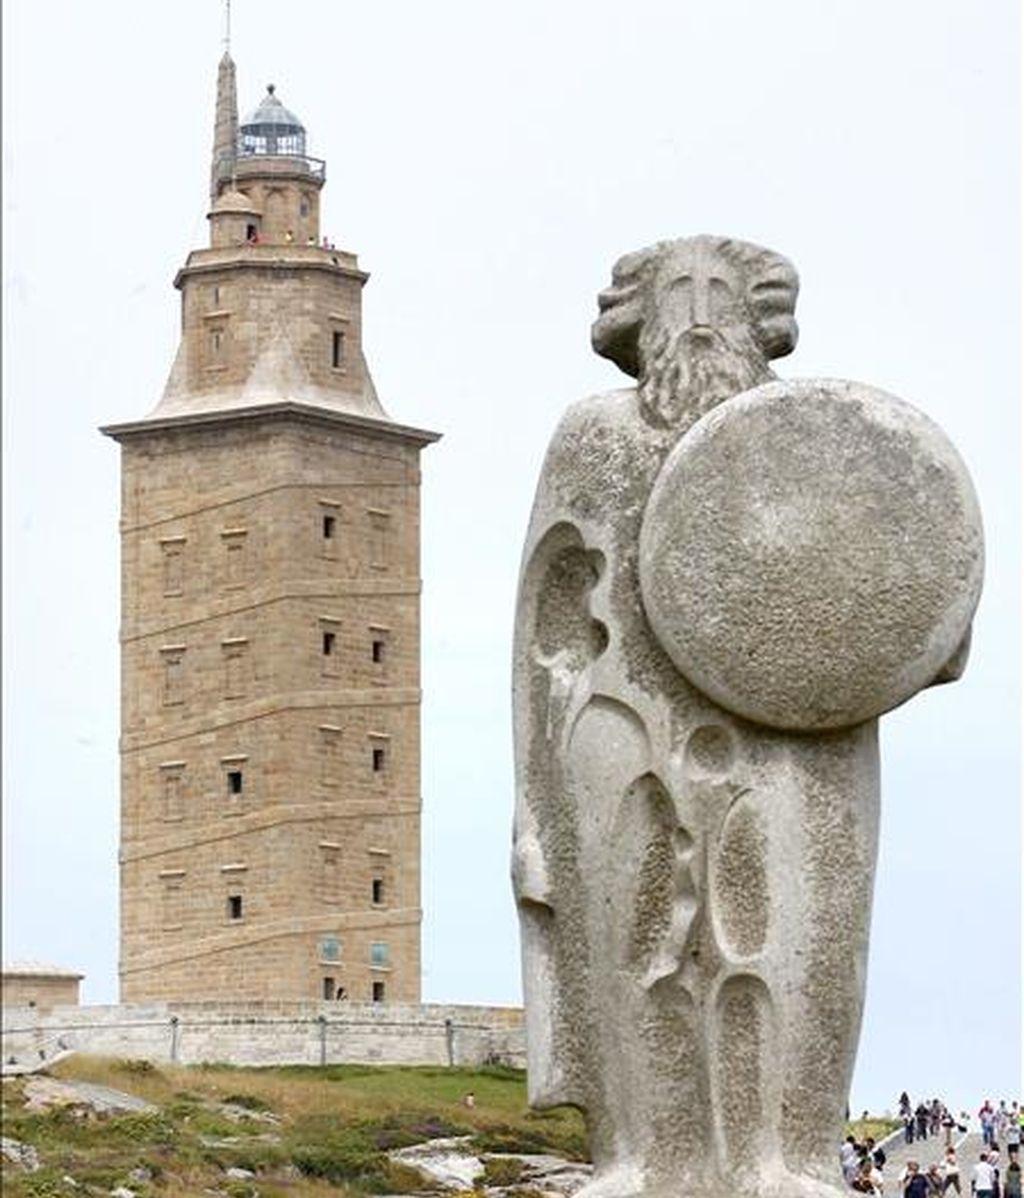 La Torres ya es patrimonio de la humanidad. Vídeo: ATLAS